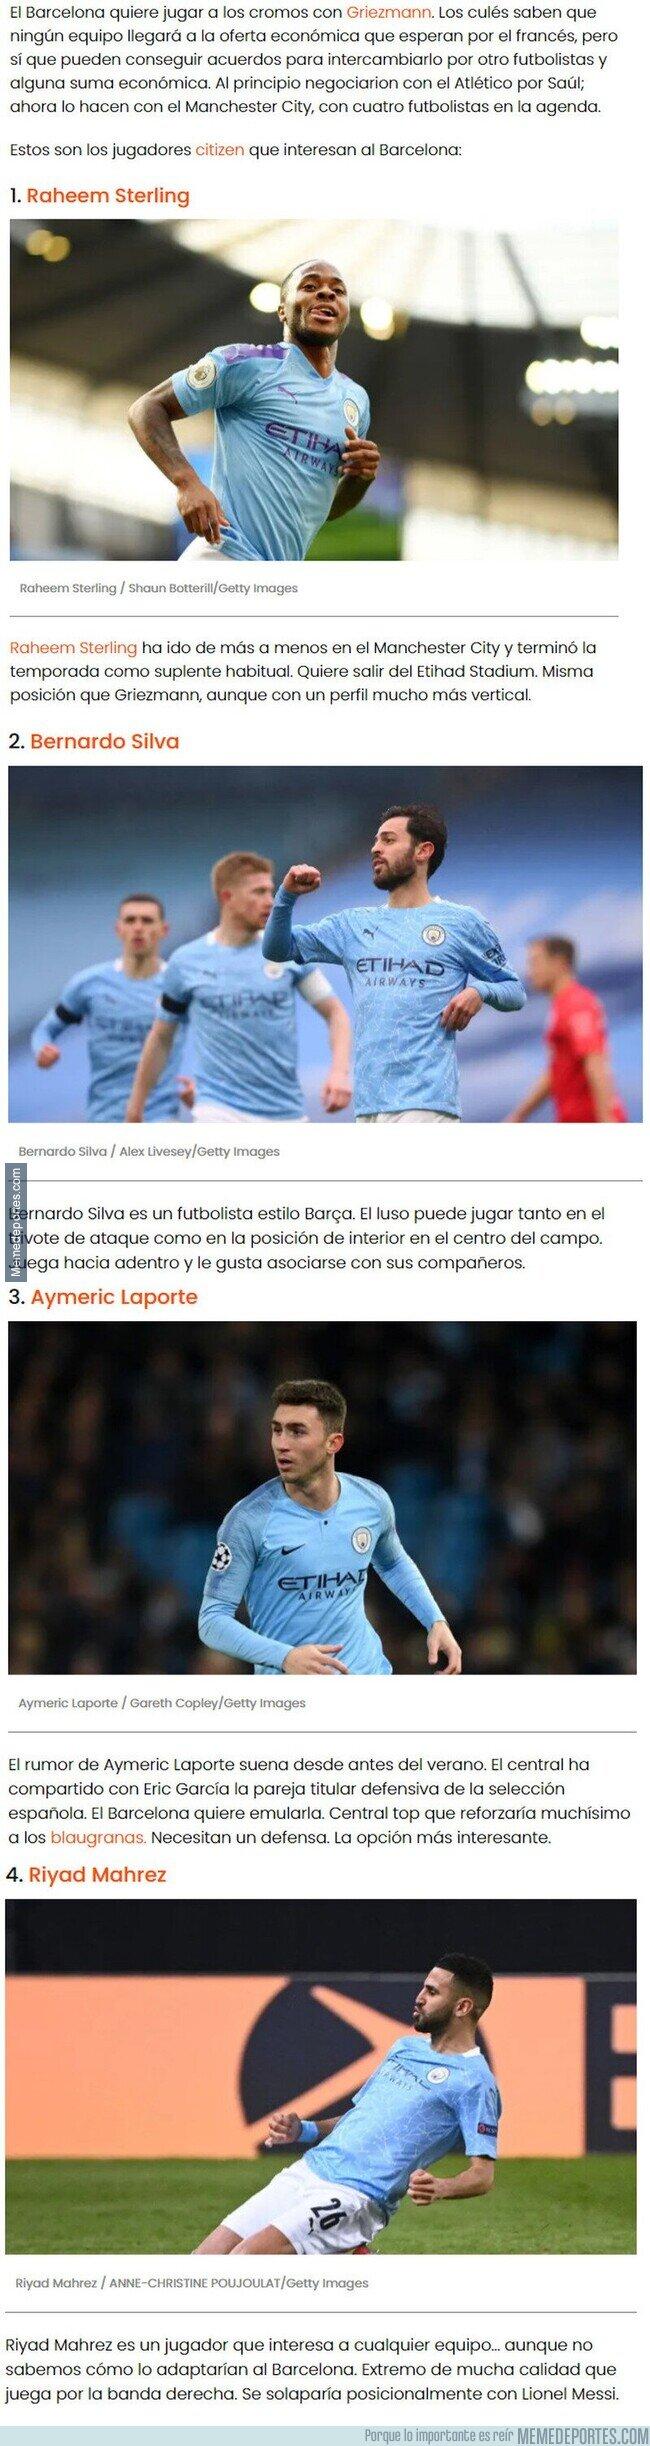 1140402 - Estos son los futbolistas del Manchester City que interesan al Barcelona y podrían cambiar por Griezmann